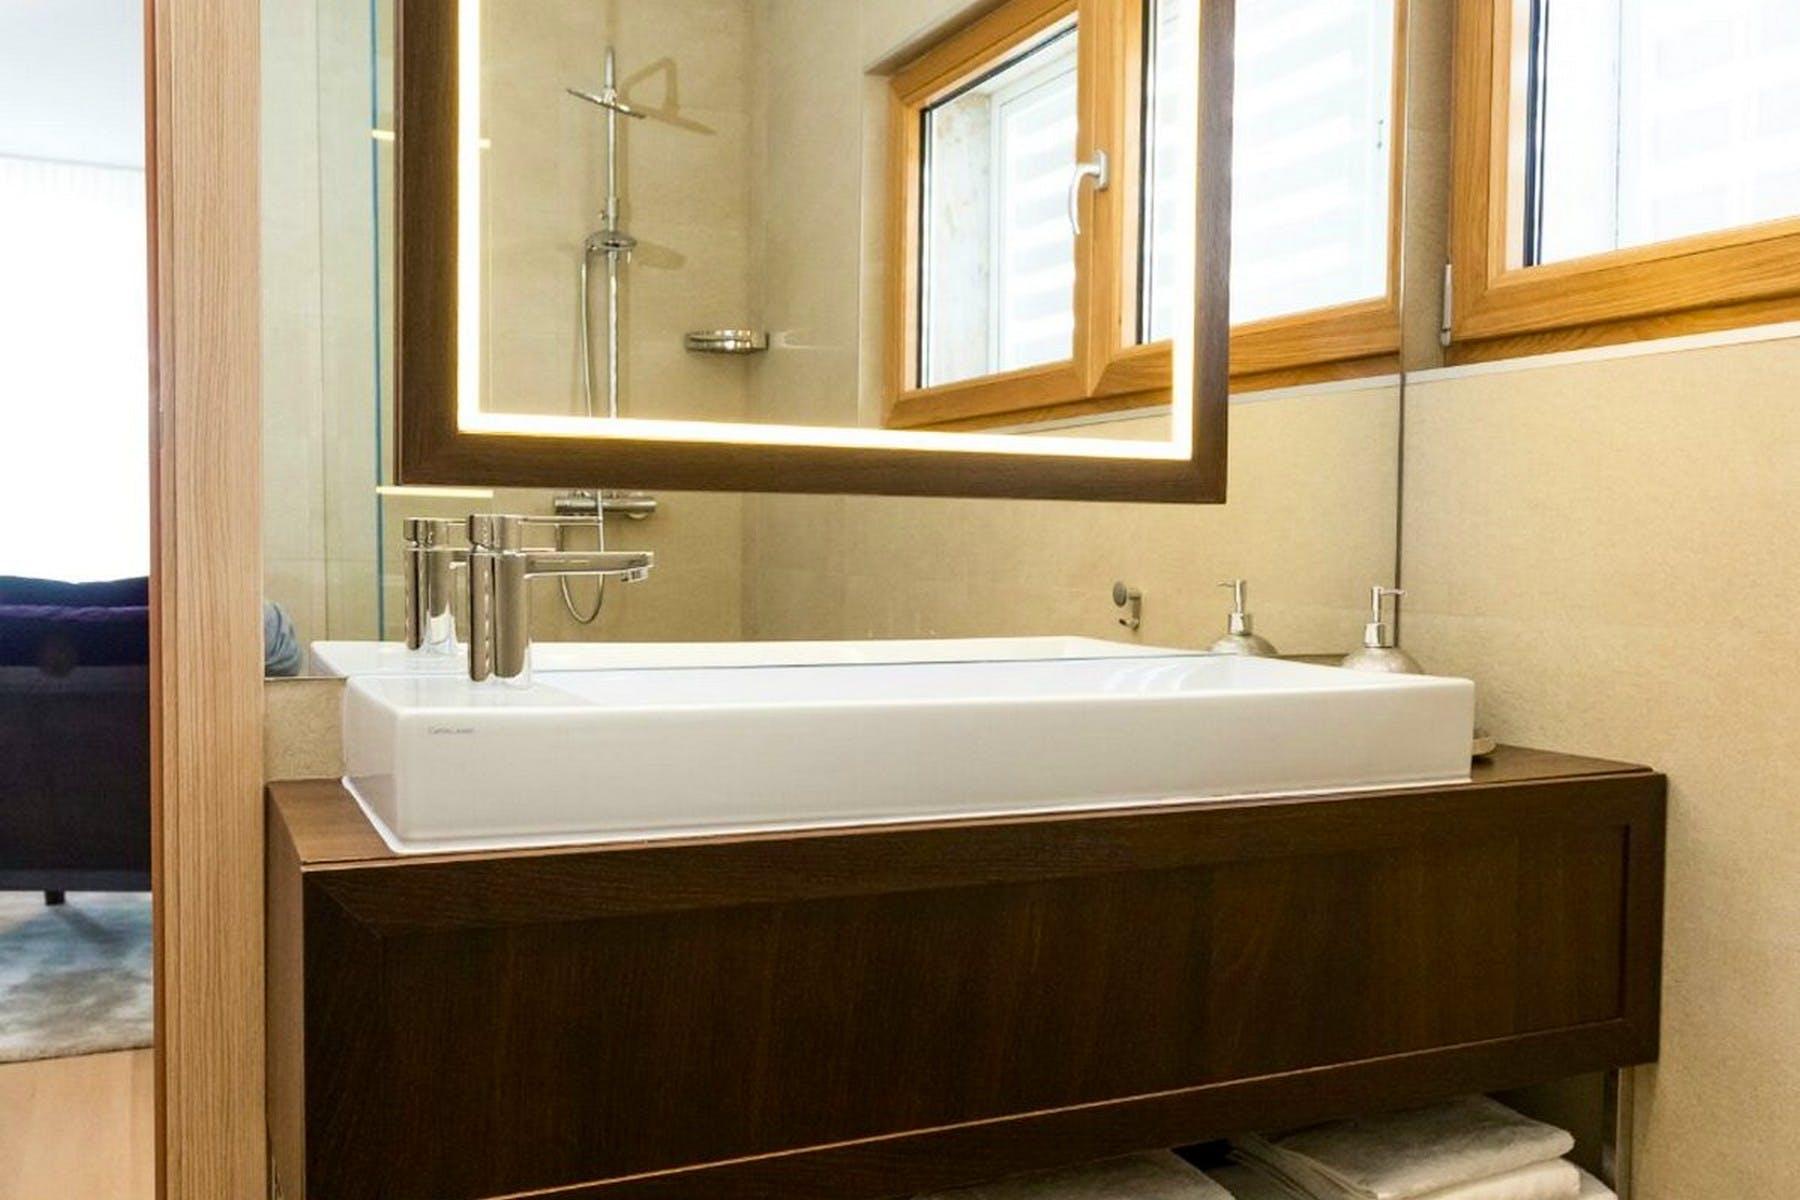 Ogledalo i umivaonik u kupaonici